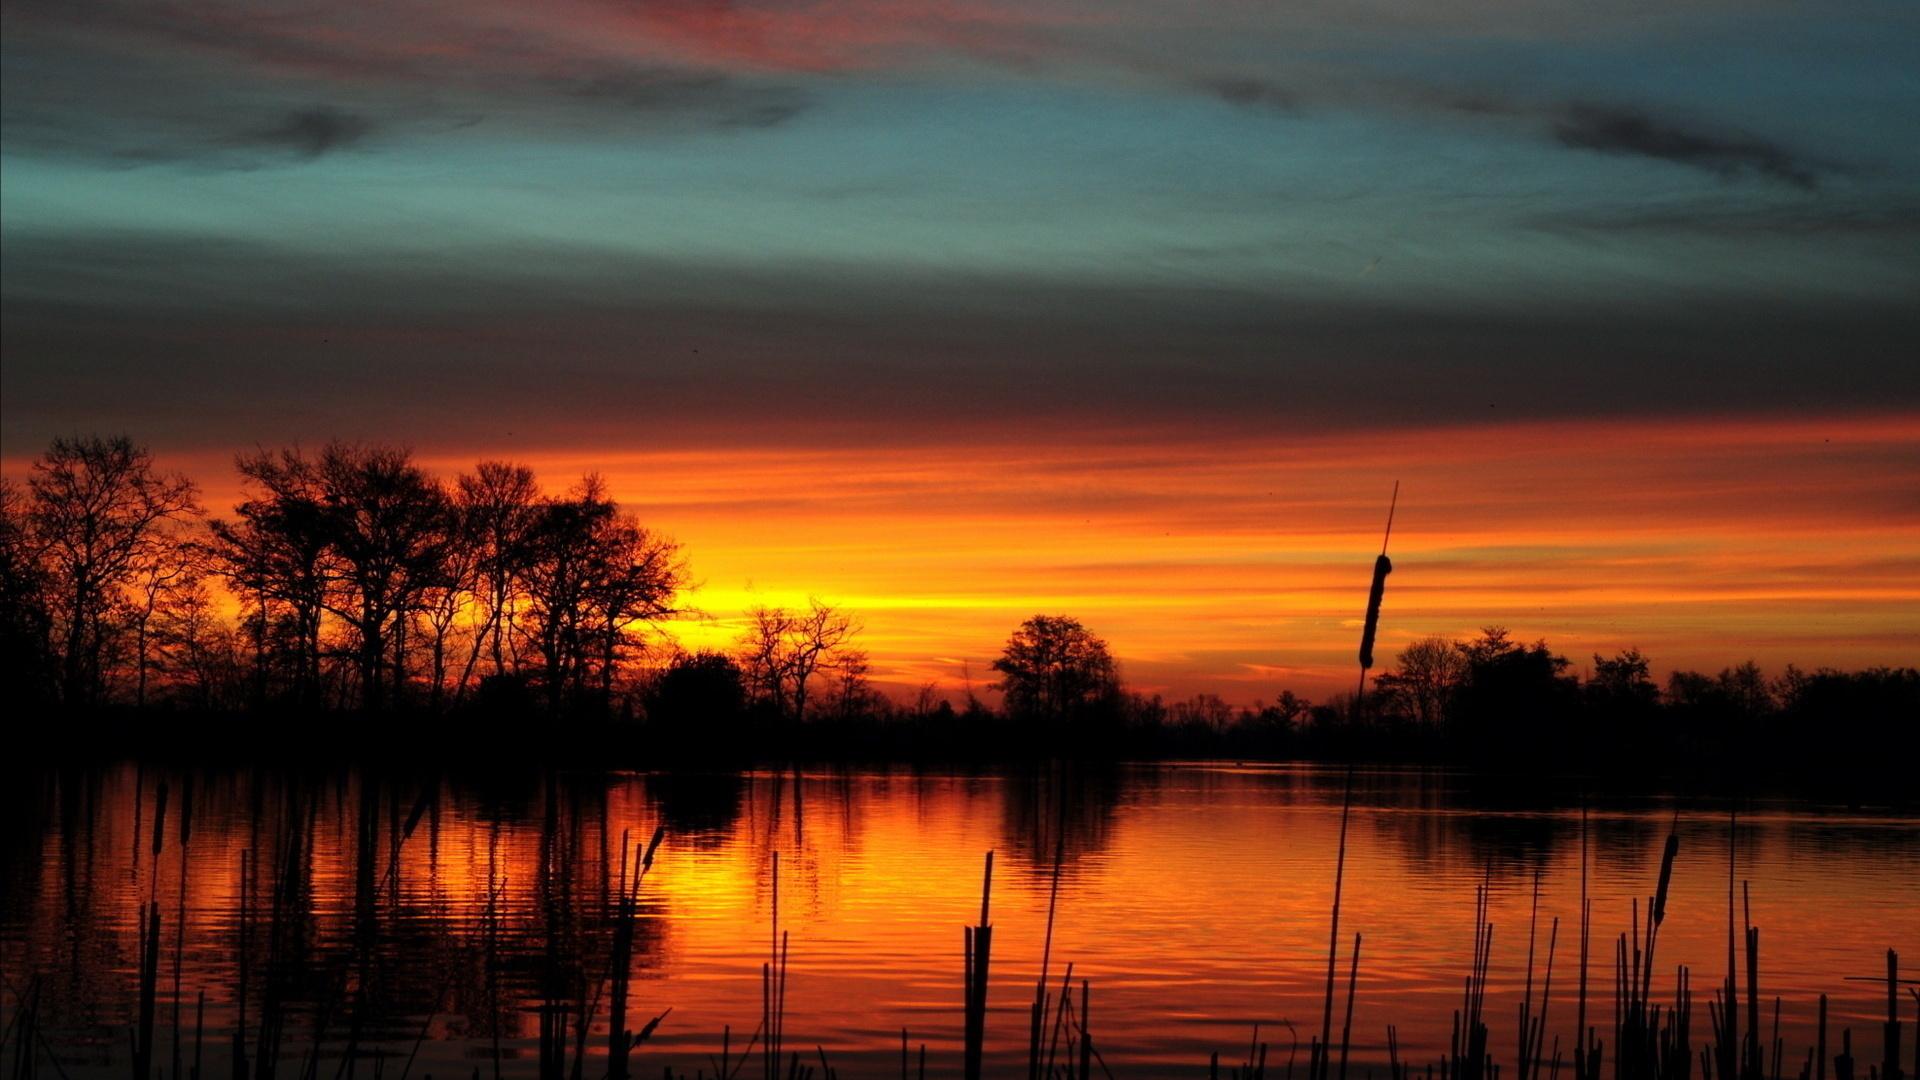 дуб на озере во время заката на телефон